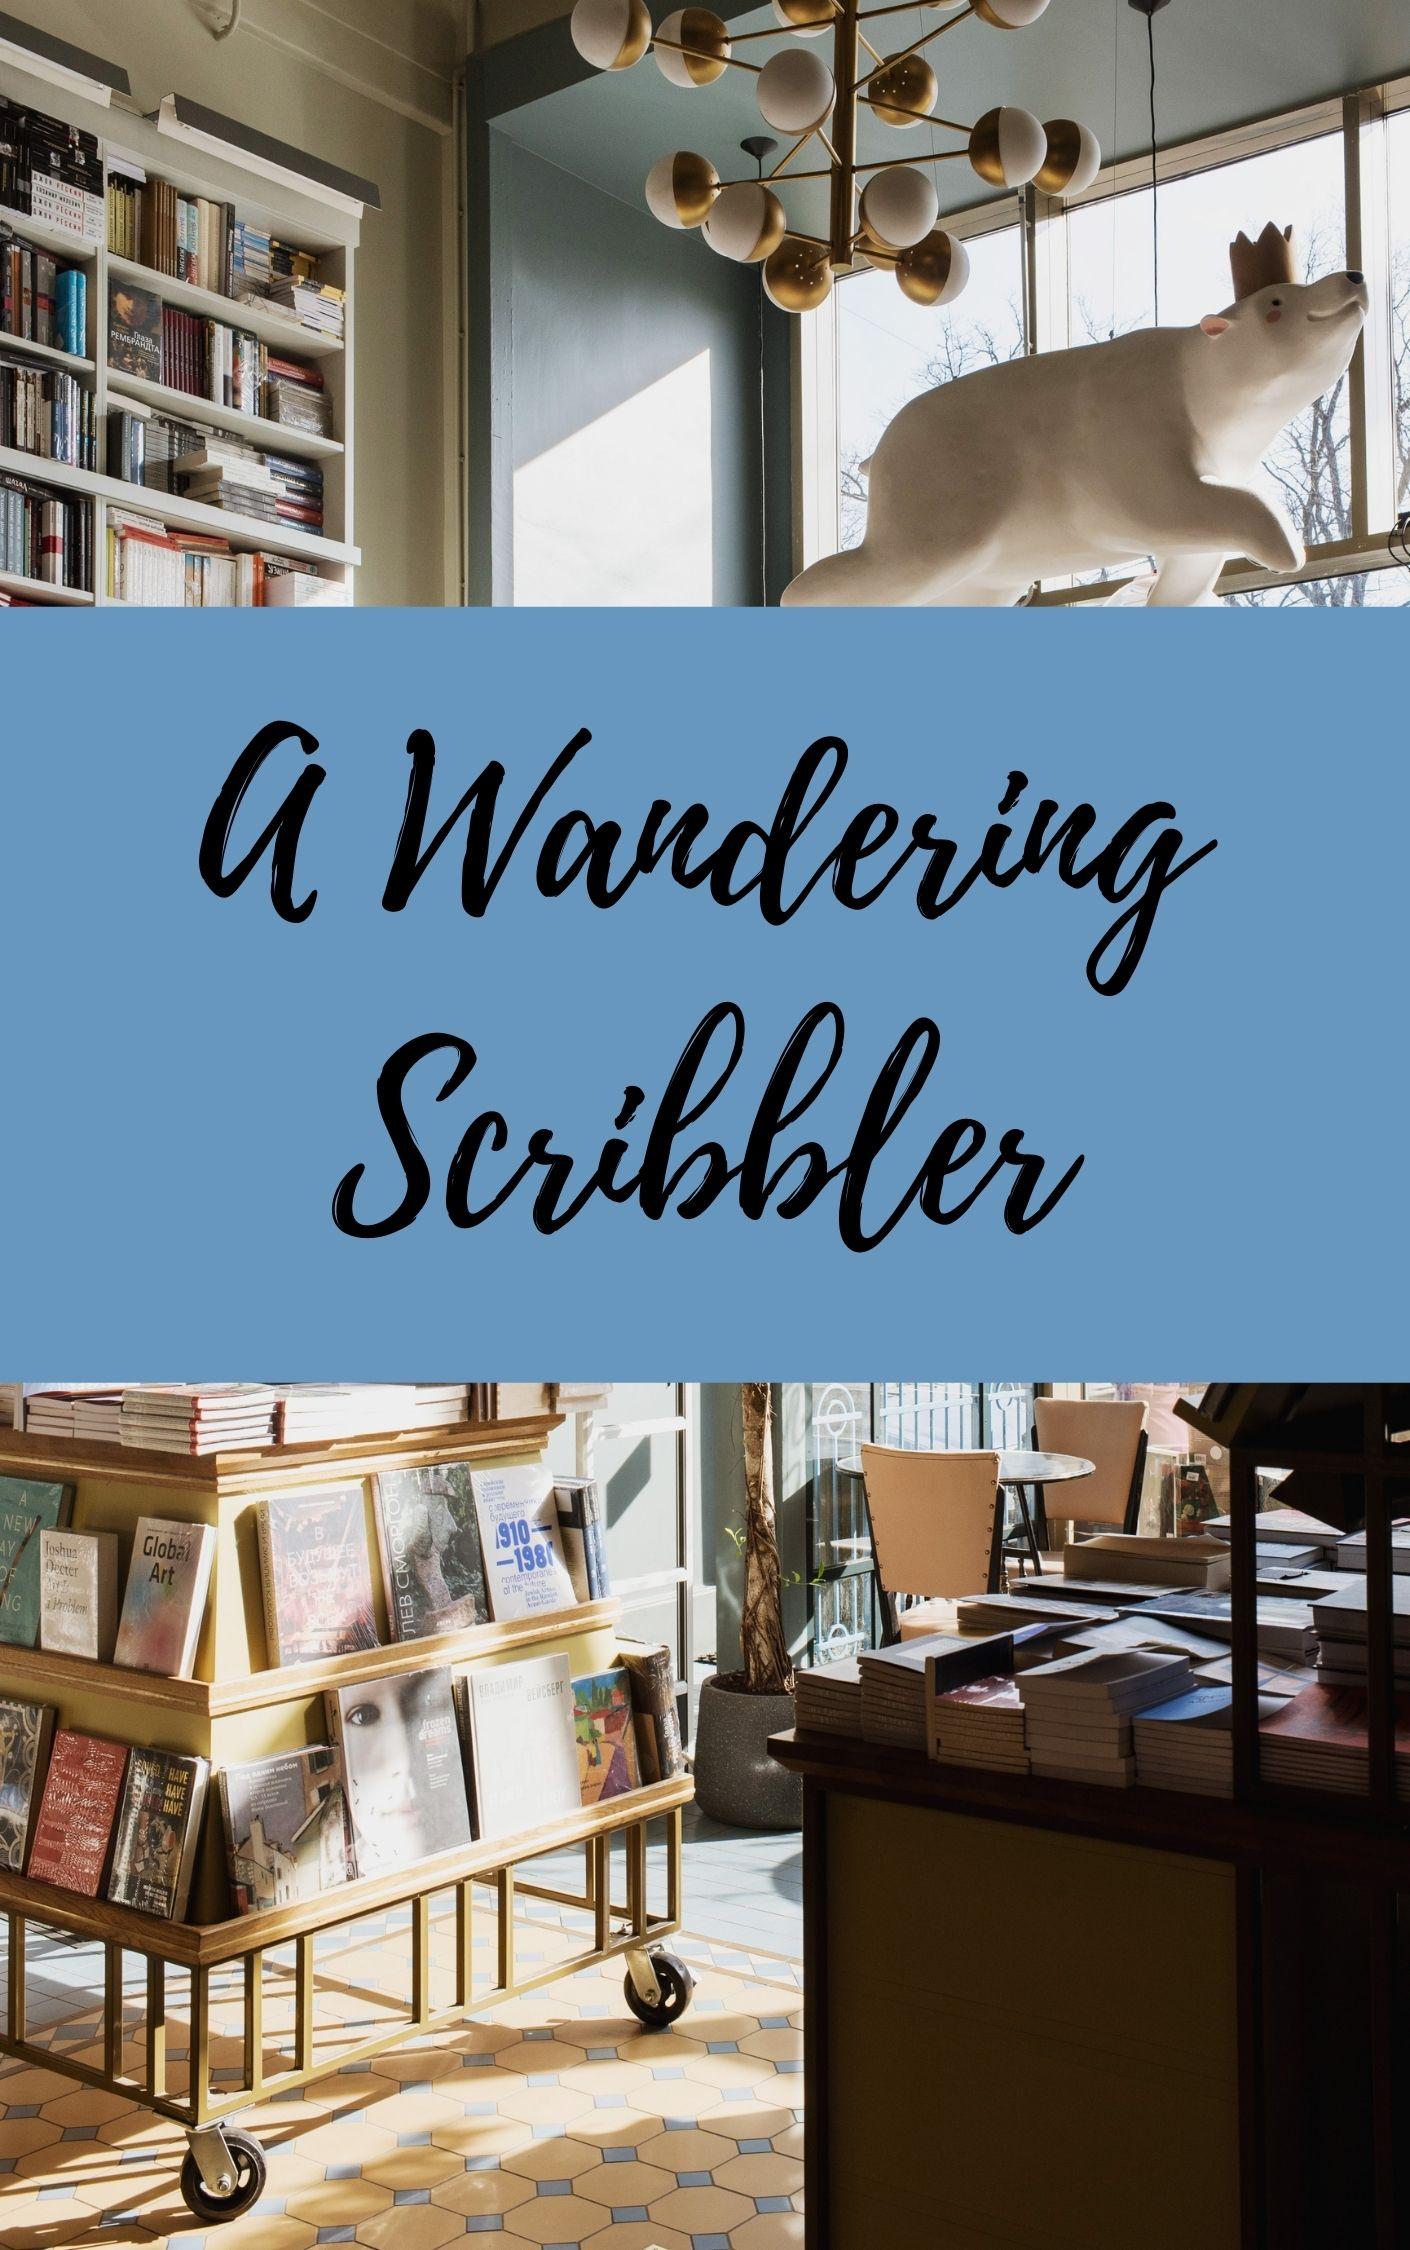 A Wandering Scribbler